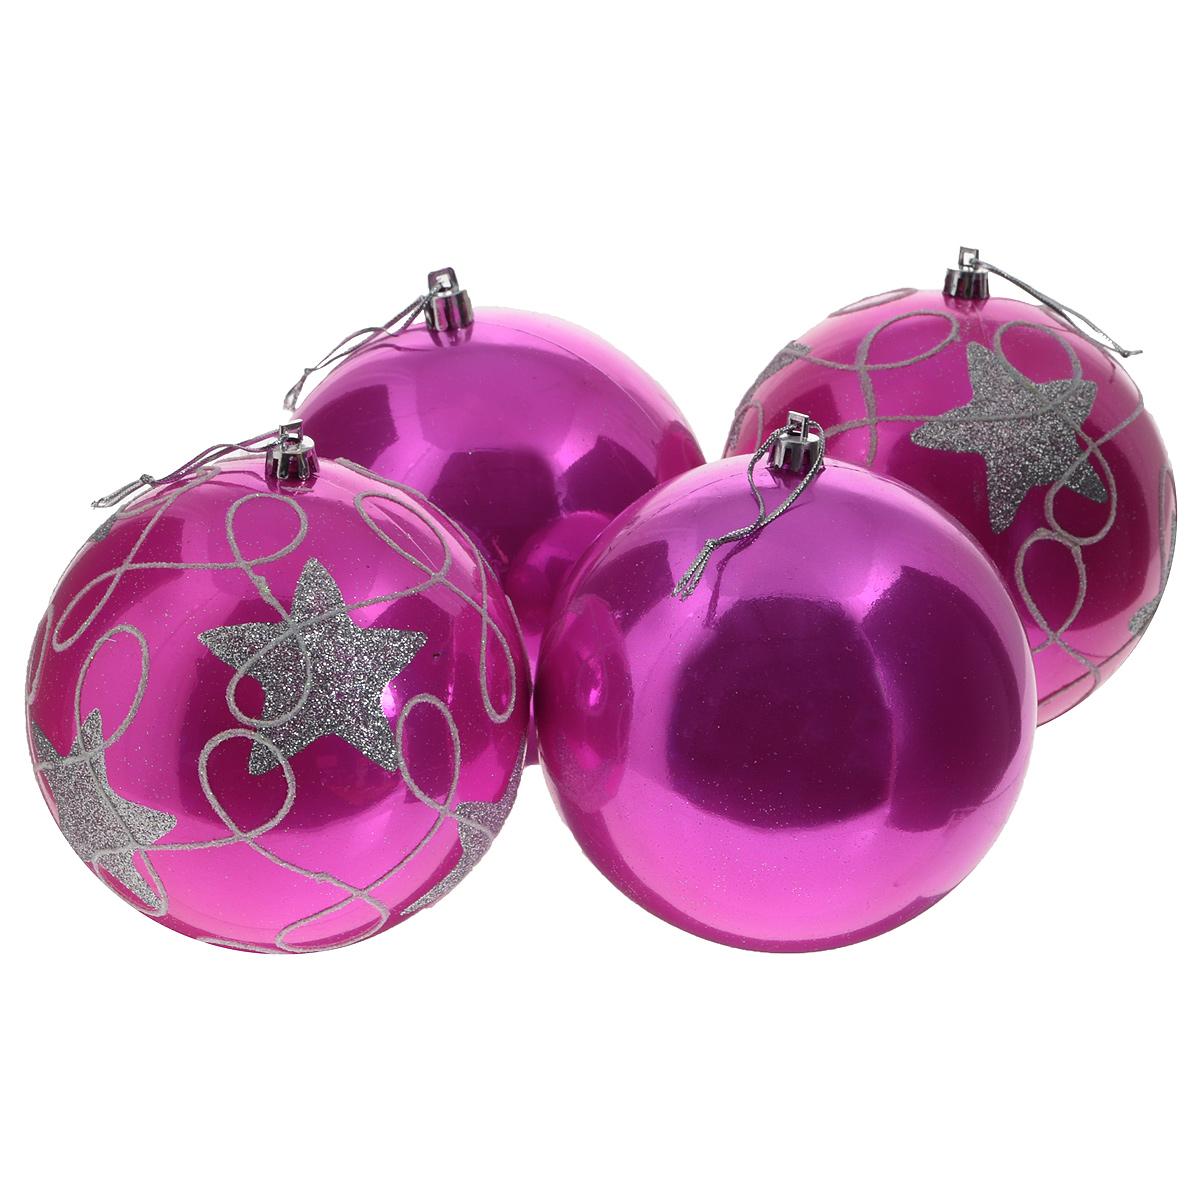 Набор новогодних подвесных украшений Sima-land Шар, цвет: розовый, диаметр 12 см, 4 шт813064Набор новогодних подвесных украшений Sima-land Шар прекрасно подойдет для праздничного декора новогодней ели. Набор состоит из 4 пластиковых шаров: 2 из них однотонные, остальные 2 украшены изображением звездочек и завитков, покрытых серебристым глиттером. Для удобного размещения на елке для каждого шара предусмотрена текстильная петелька. Елочная игрушка - символ Нового года. Она несет в себе волшебство и красоту праздника. Создайте в своем доме атмосферу веселья и радости, украшая новогоднюю елку нарядными игрушками, которые будут из года в год накапливать теплоту воспоминаний. Коллекция декоративных украшений принесет в ваш дом ни с чем несравнимое ощущение волшебства! Откройте для себя удивительный мир сказок и грез. Почувствуйте волшебные минуты ожидания праздника, создайте новогоднее настроение вашим дорогим и близким.